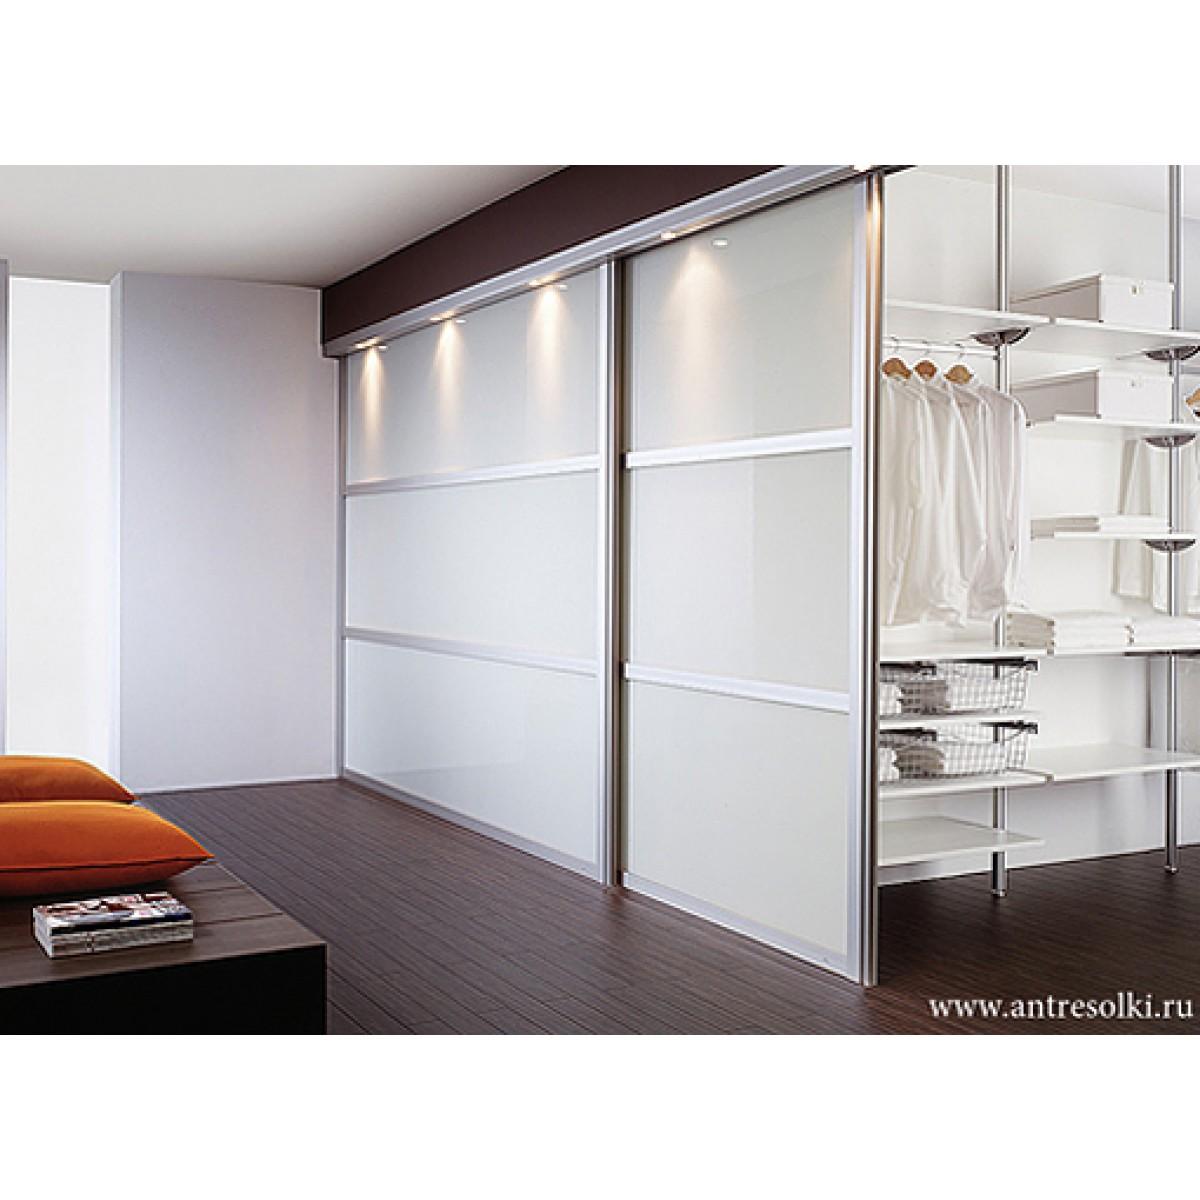 Красивые гардеробные шкафы для одежды.